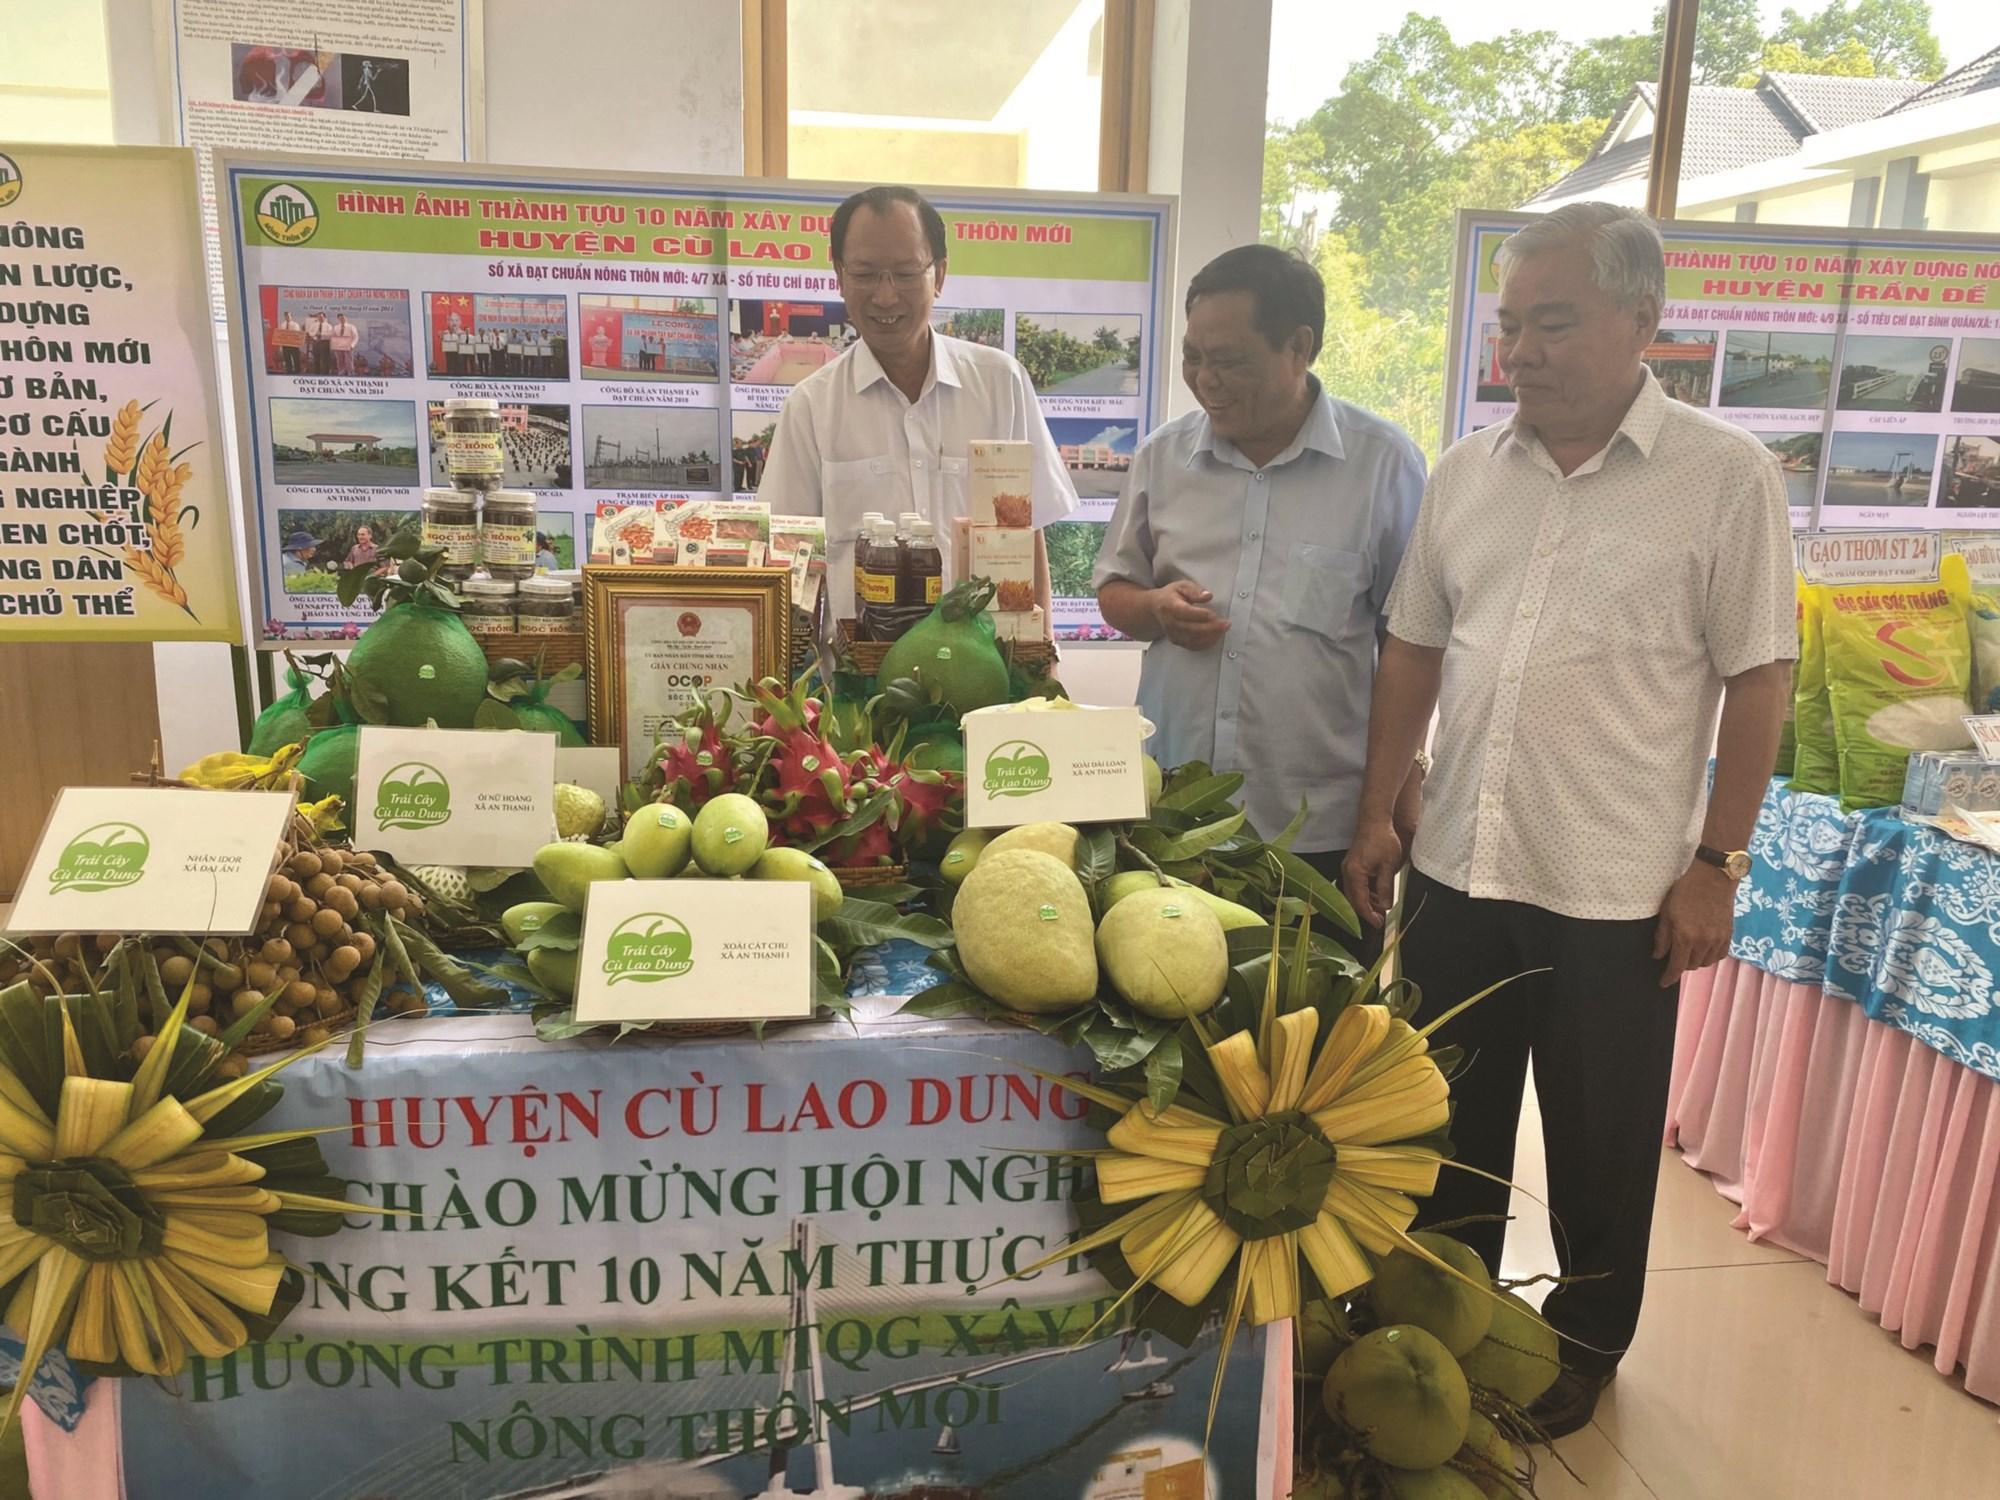 Các loại đặc sản thuộc Chương trình mỗi xã một sản phẩm ở Cù Lao Dung được trưng bày nhân Tổng kết 10 năm xây dựng NTM tỉnh Sóc Trăng.